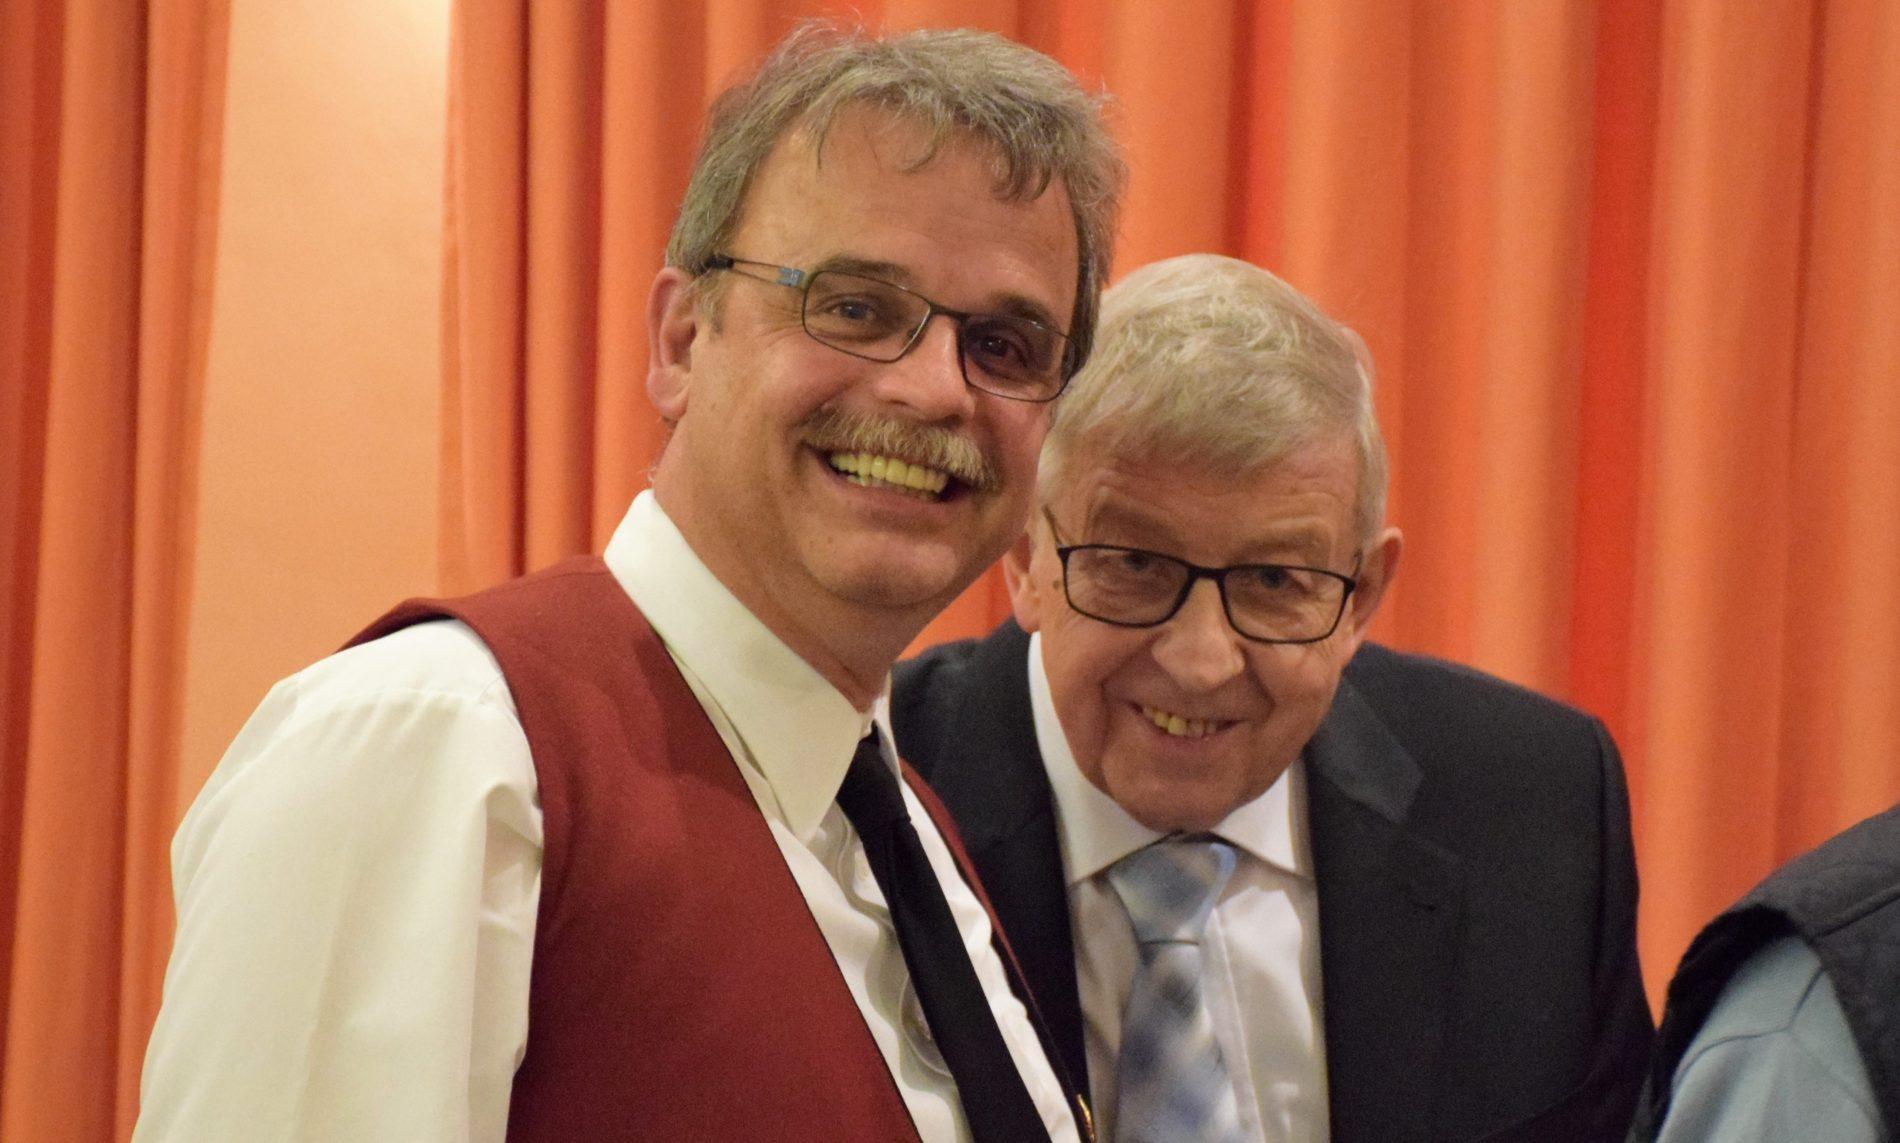 Ludwig Hoffmann und Paul Schaefer